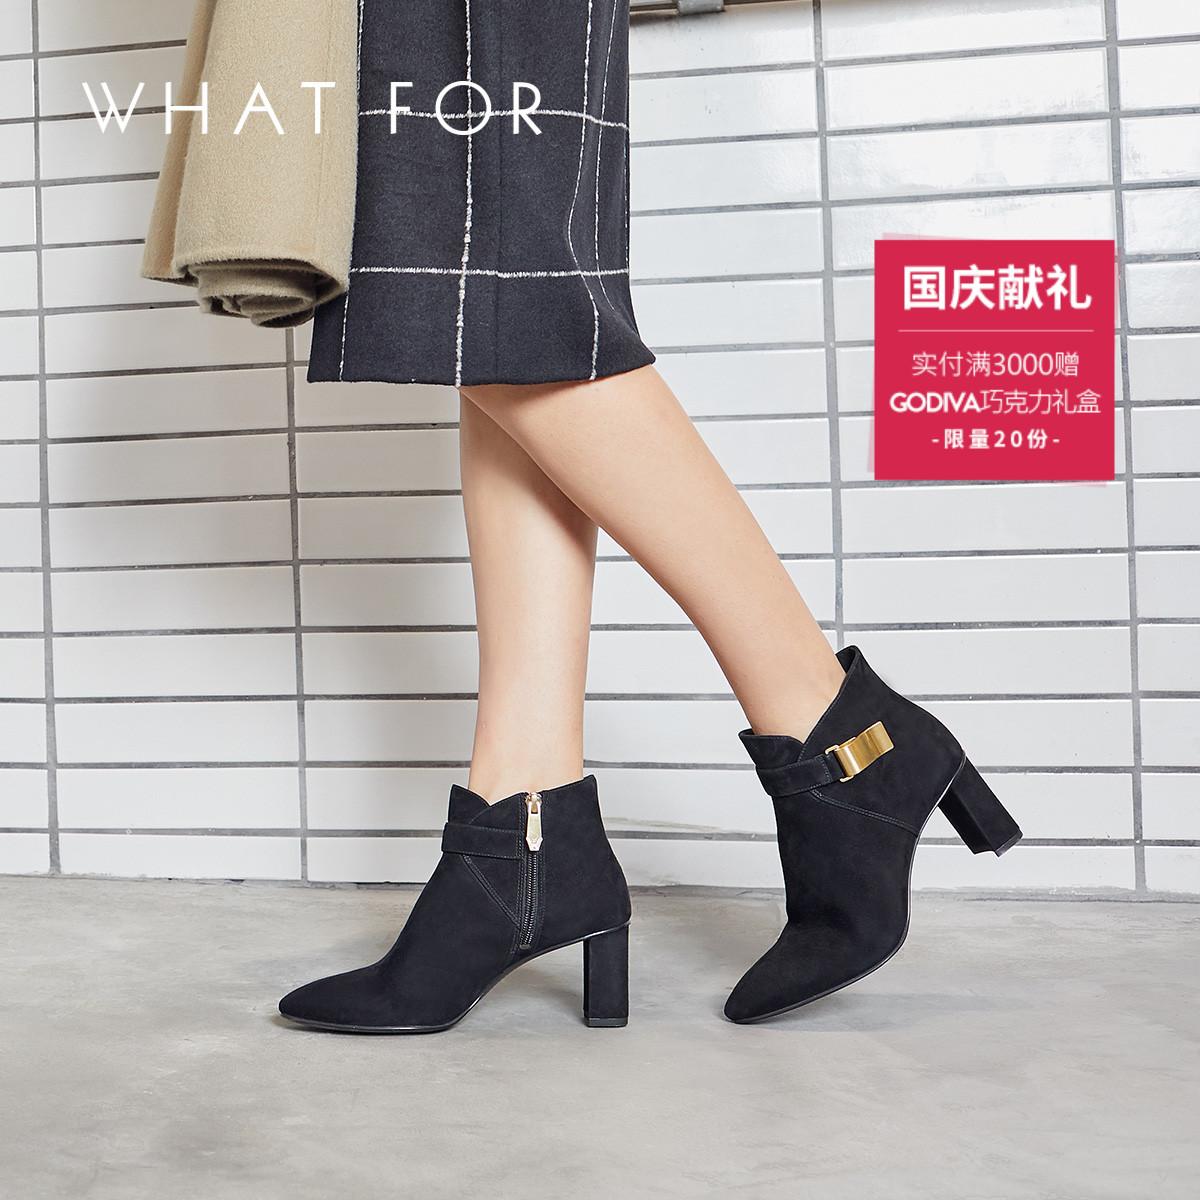 WHAT FOR2018秋冬新款羊反毛尖头时尚欧美粗跟高跟短筒靴子女短靴